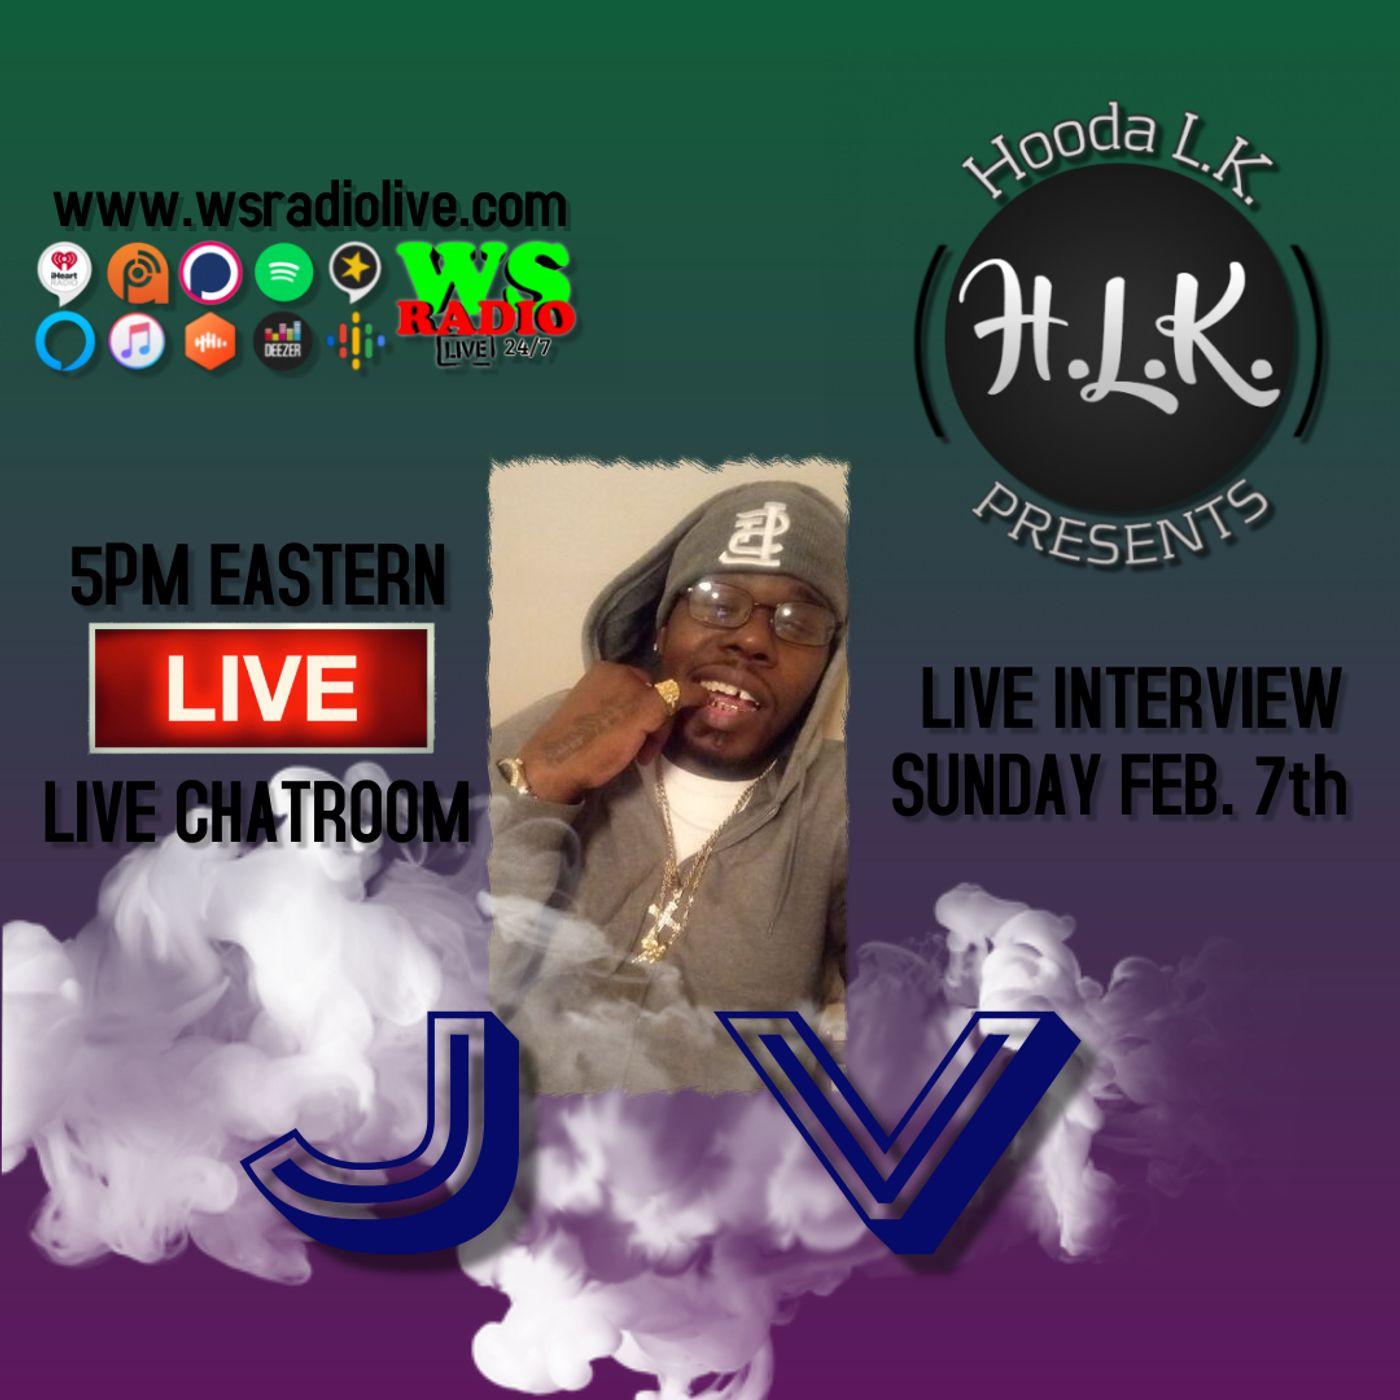 Hooda LK Presents J.V.